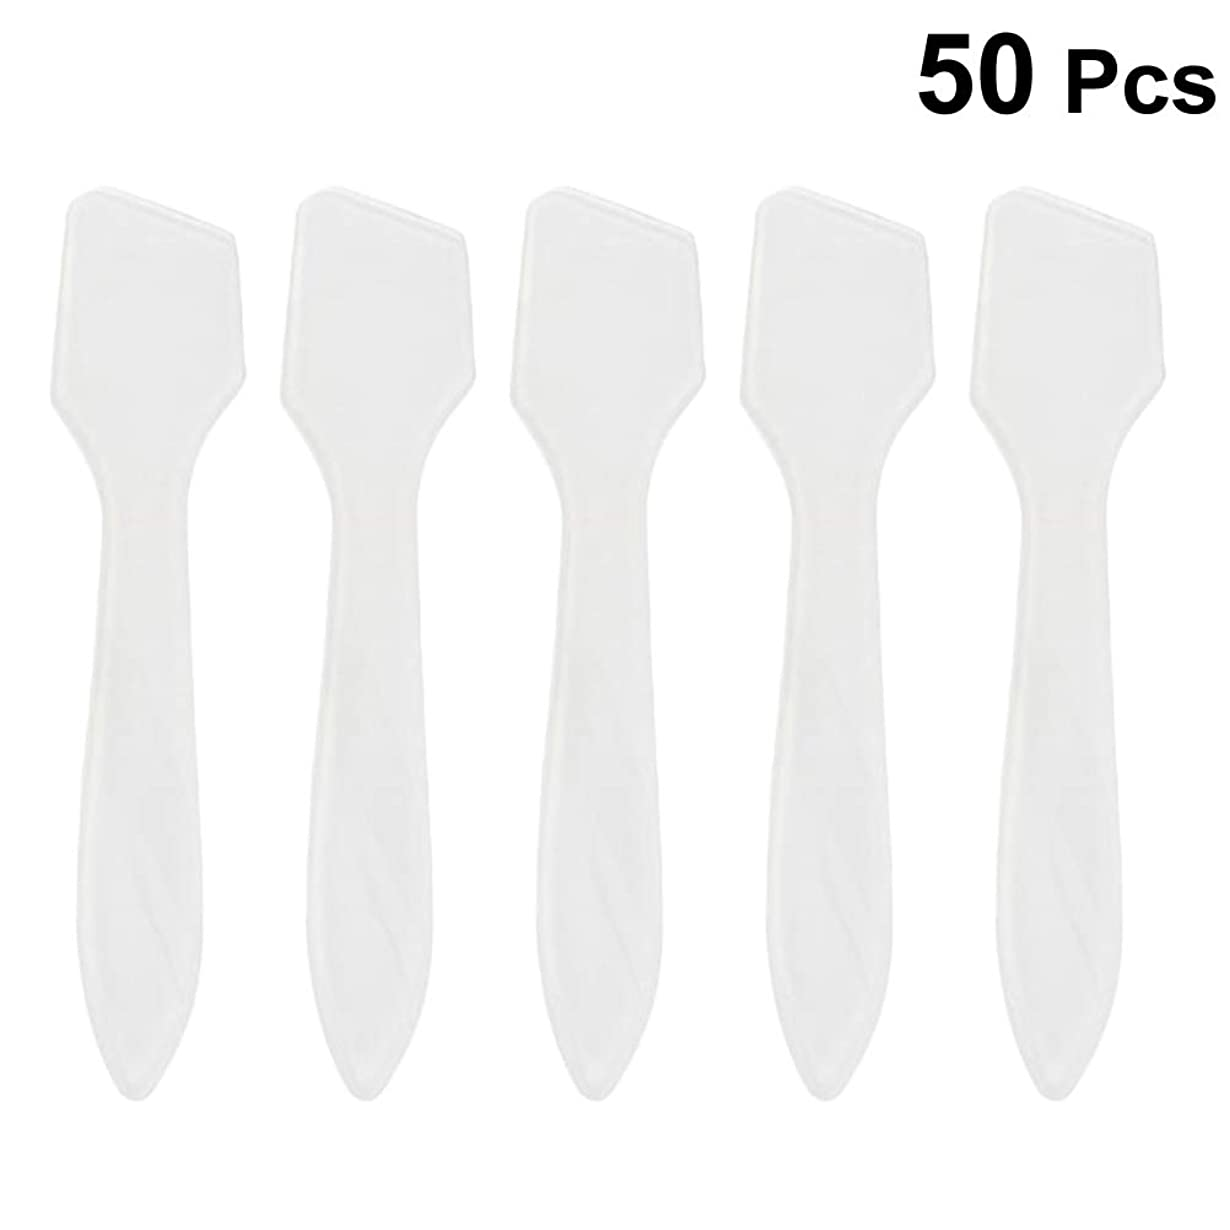 小麦粉明快教室SUPVOX 50ピース化粧品スキンケアフェイスクリームマスク混合ヘラアプリケータツール